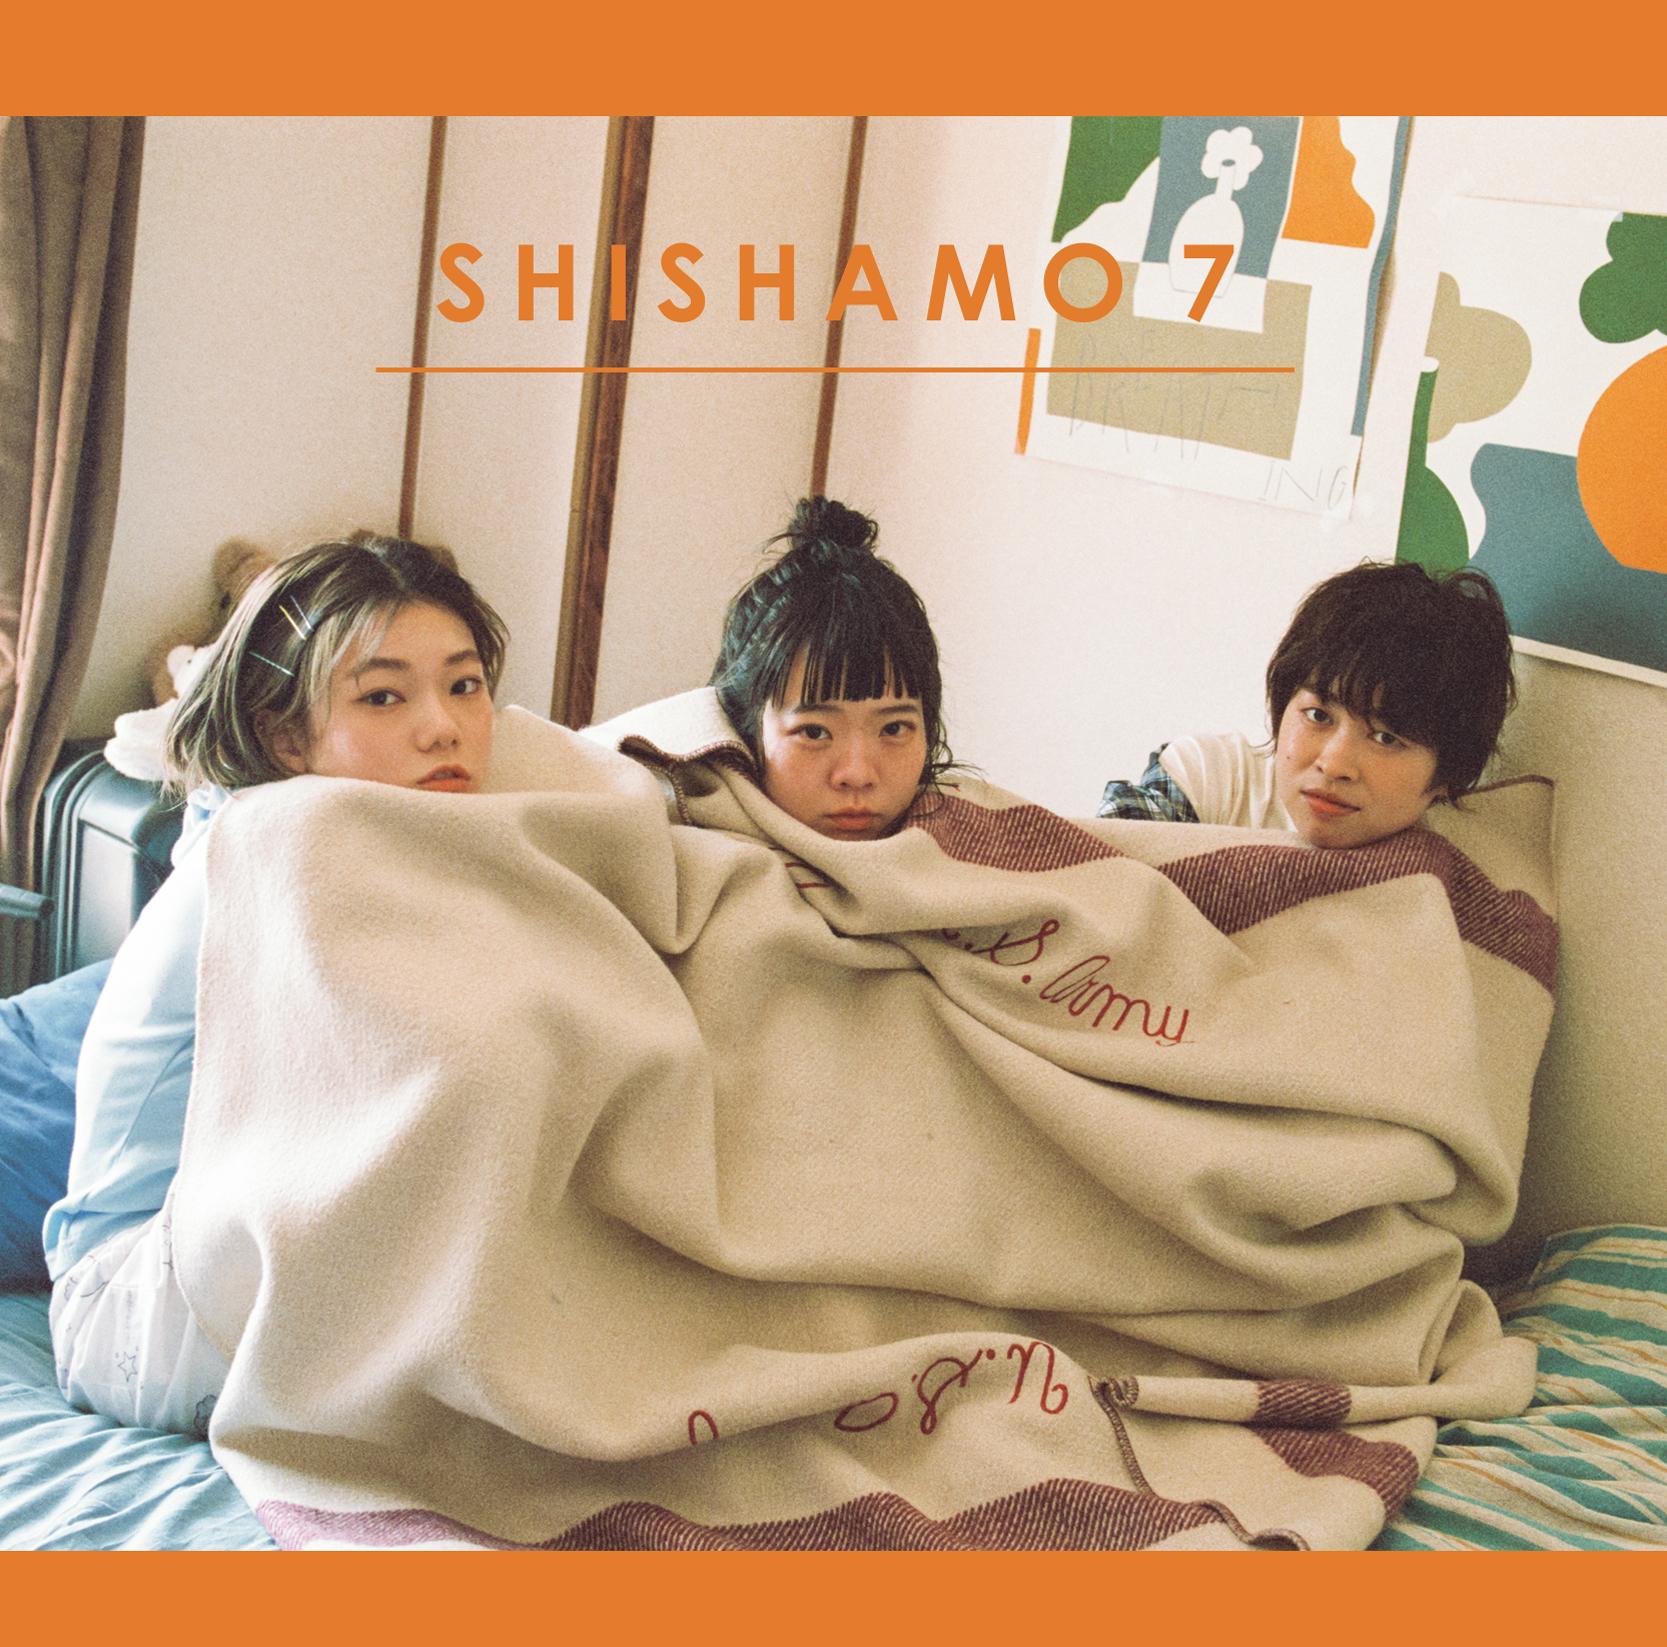 『SHISHAMO 7』